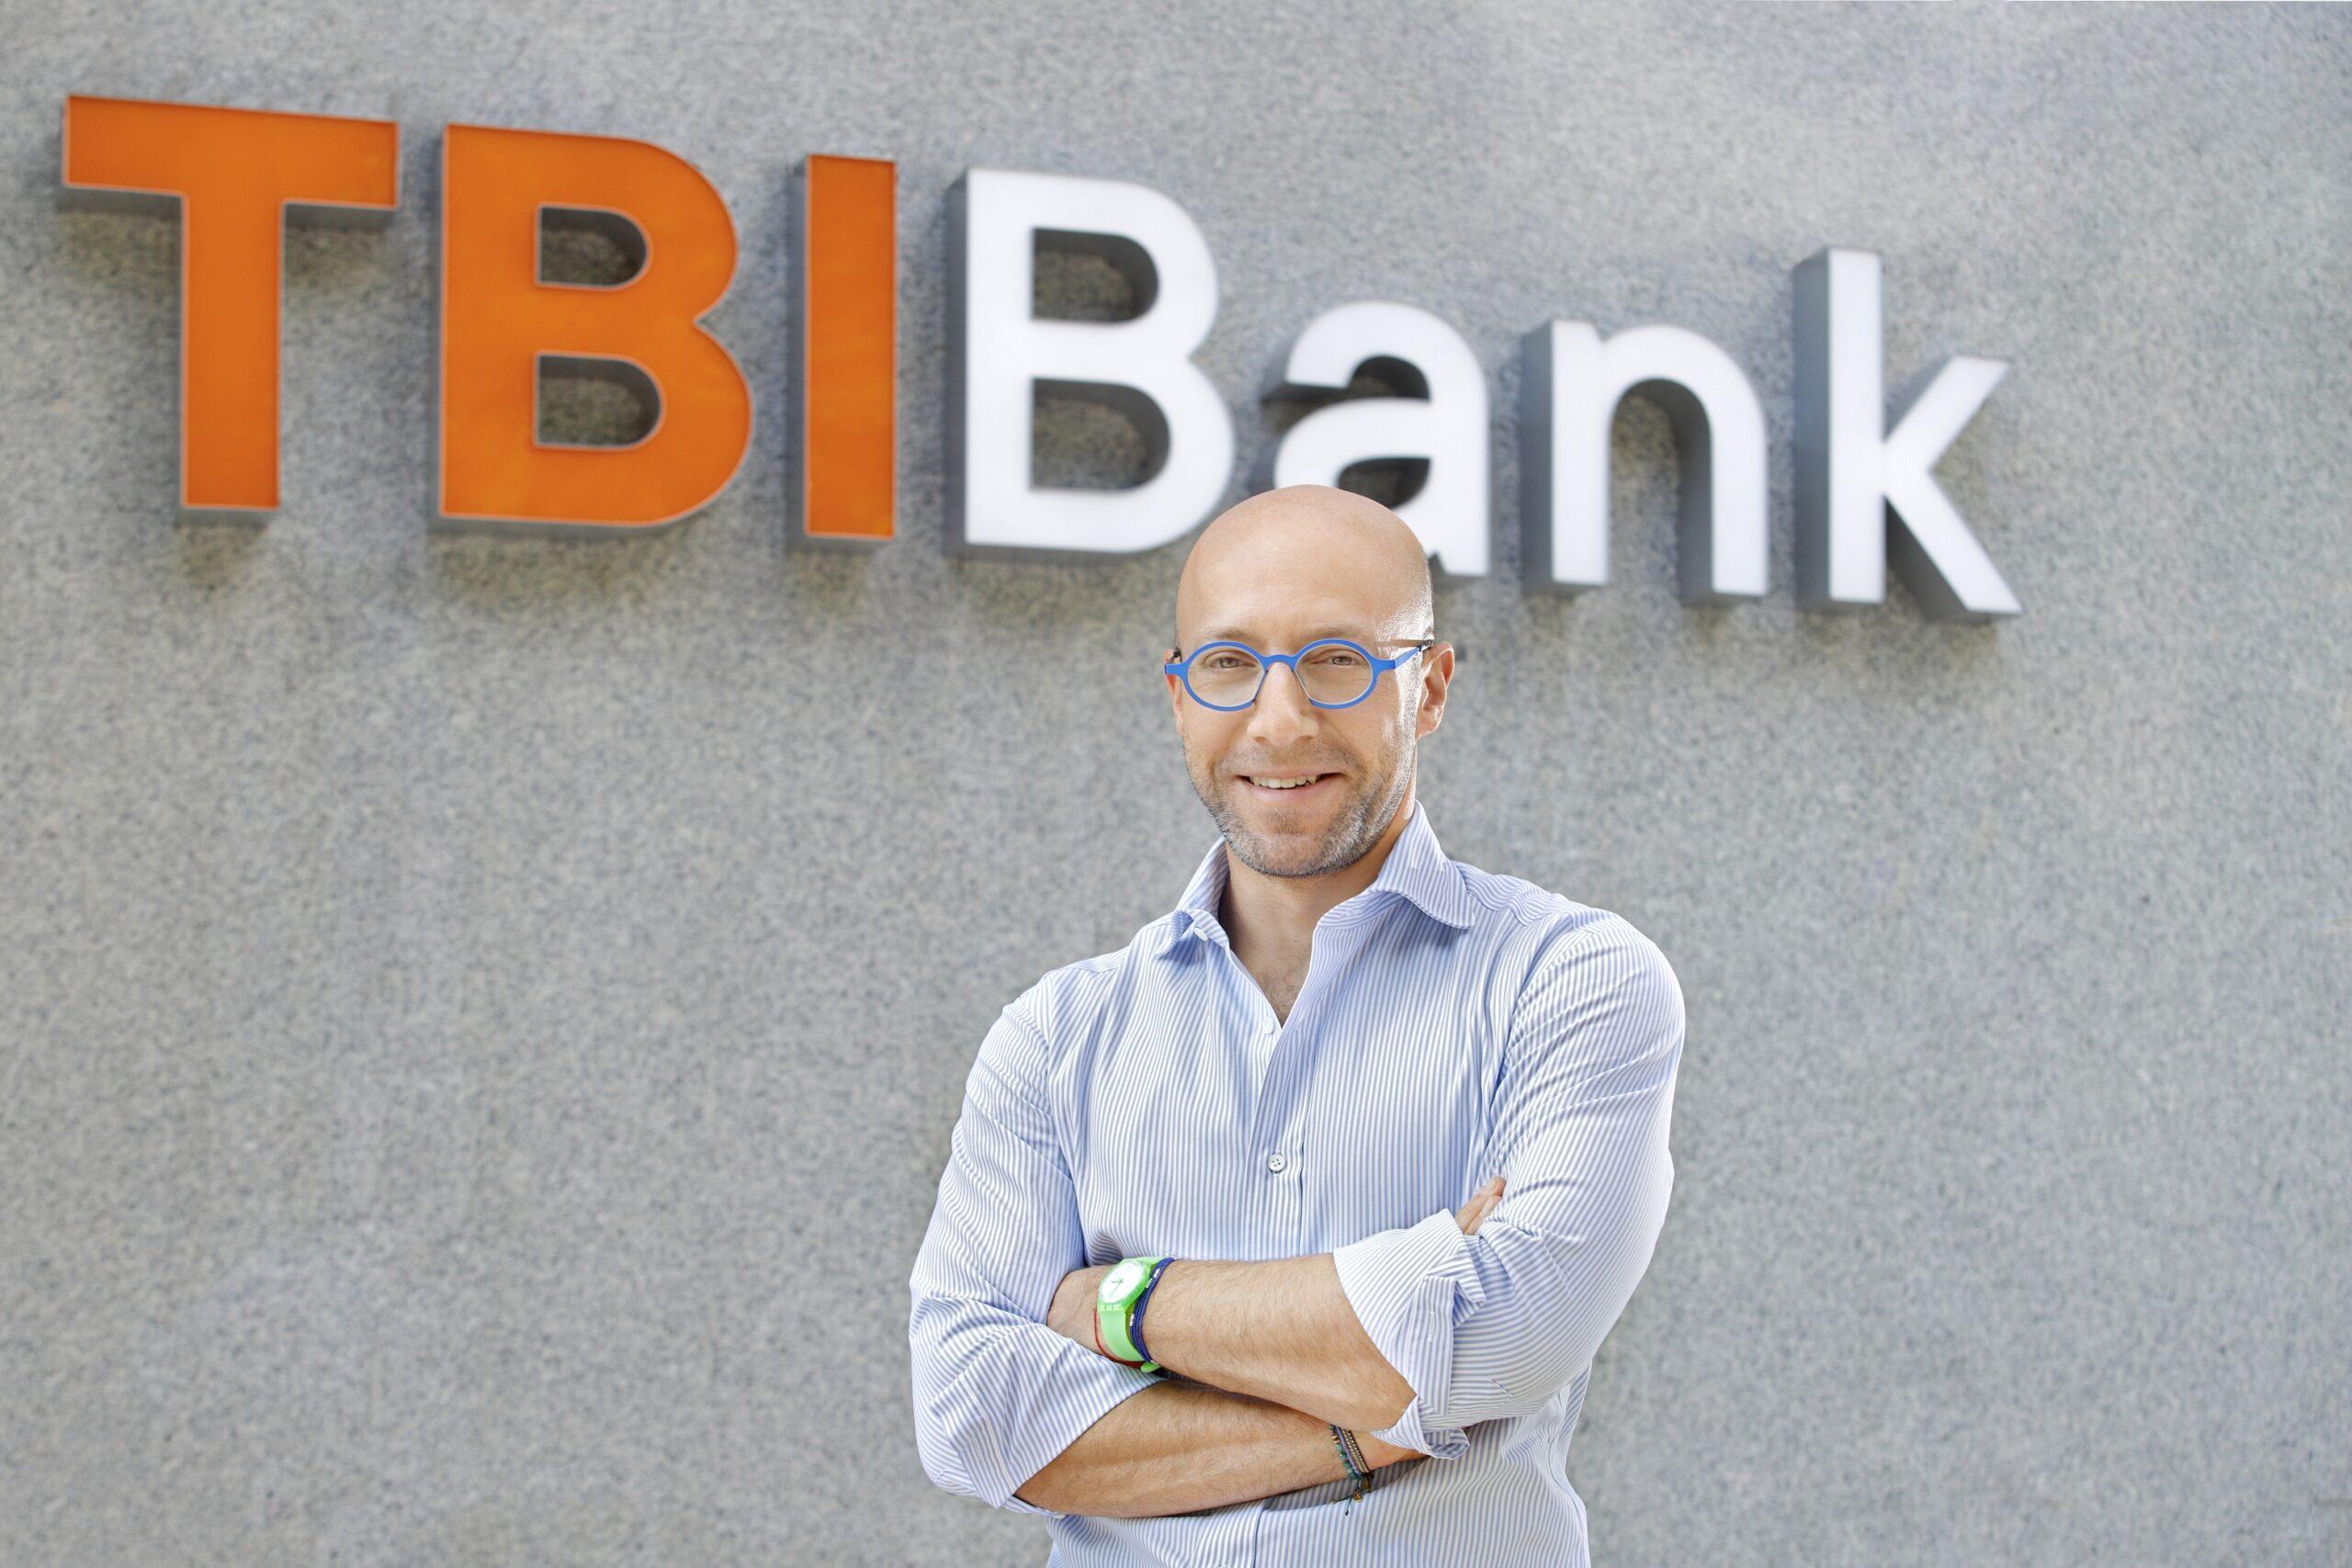 TBI Bank încheie un parteneriat cu Onfido, pentru a reduce timpul de înregistrare a clienților noi